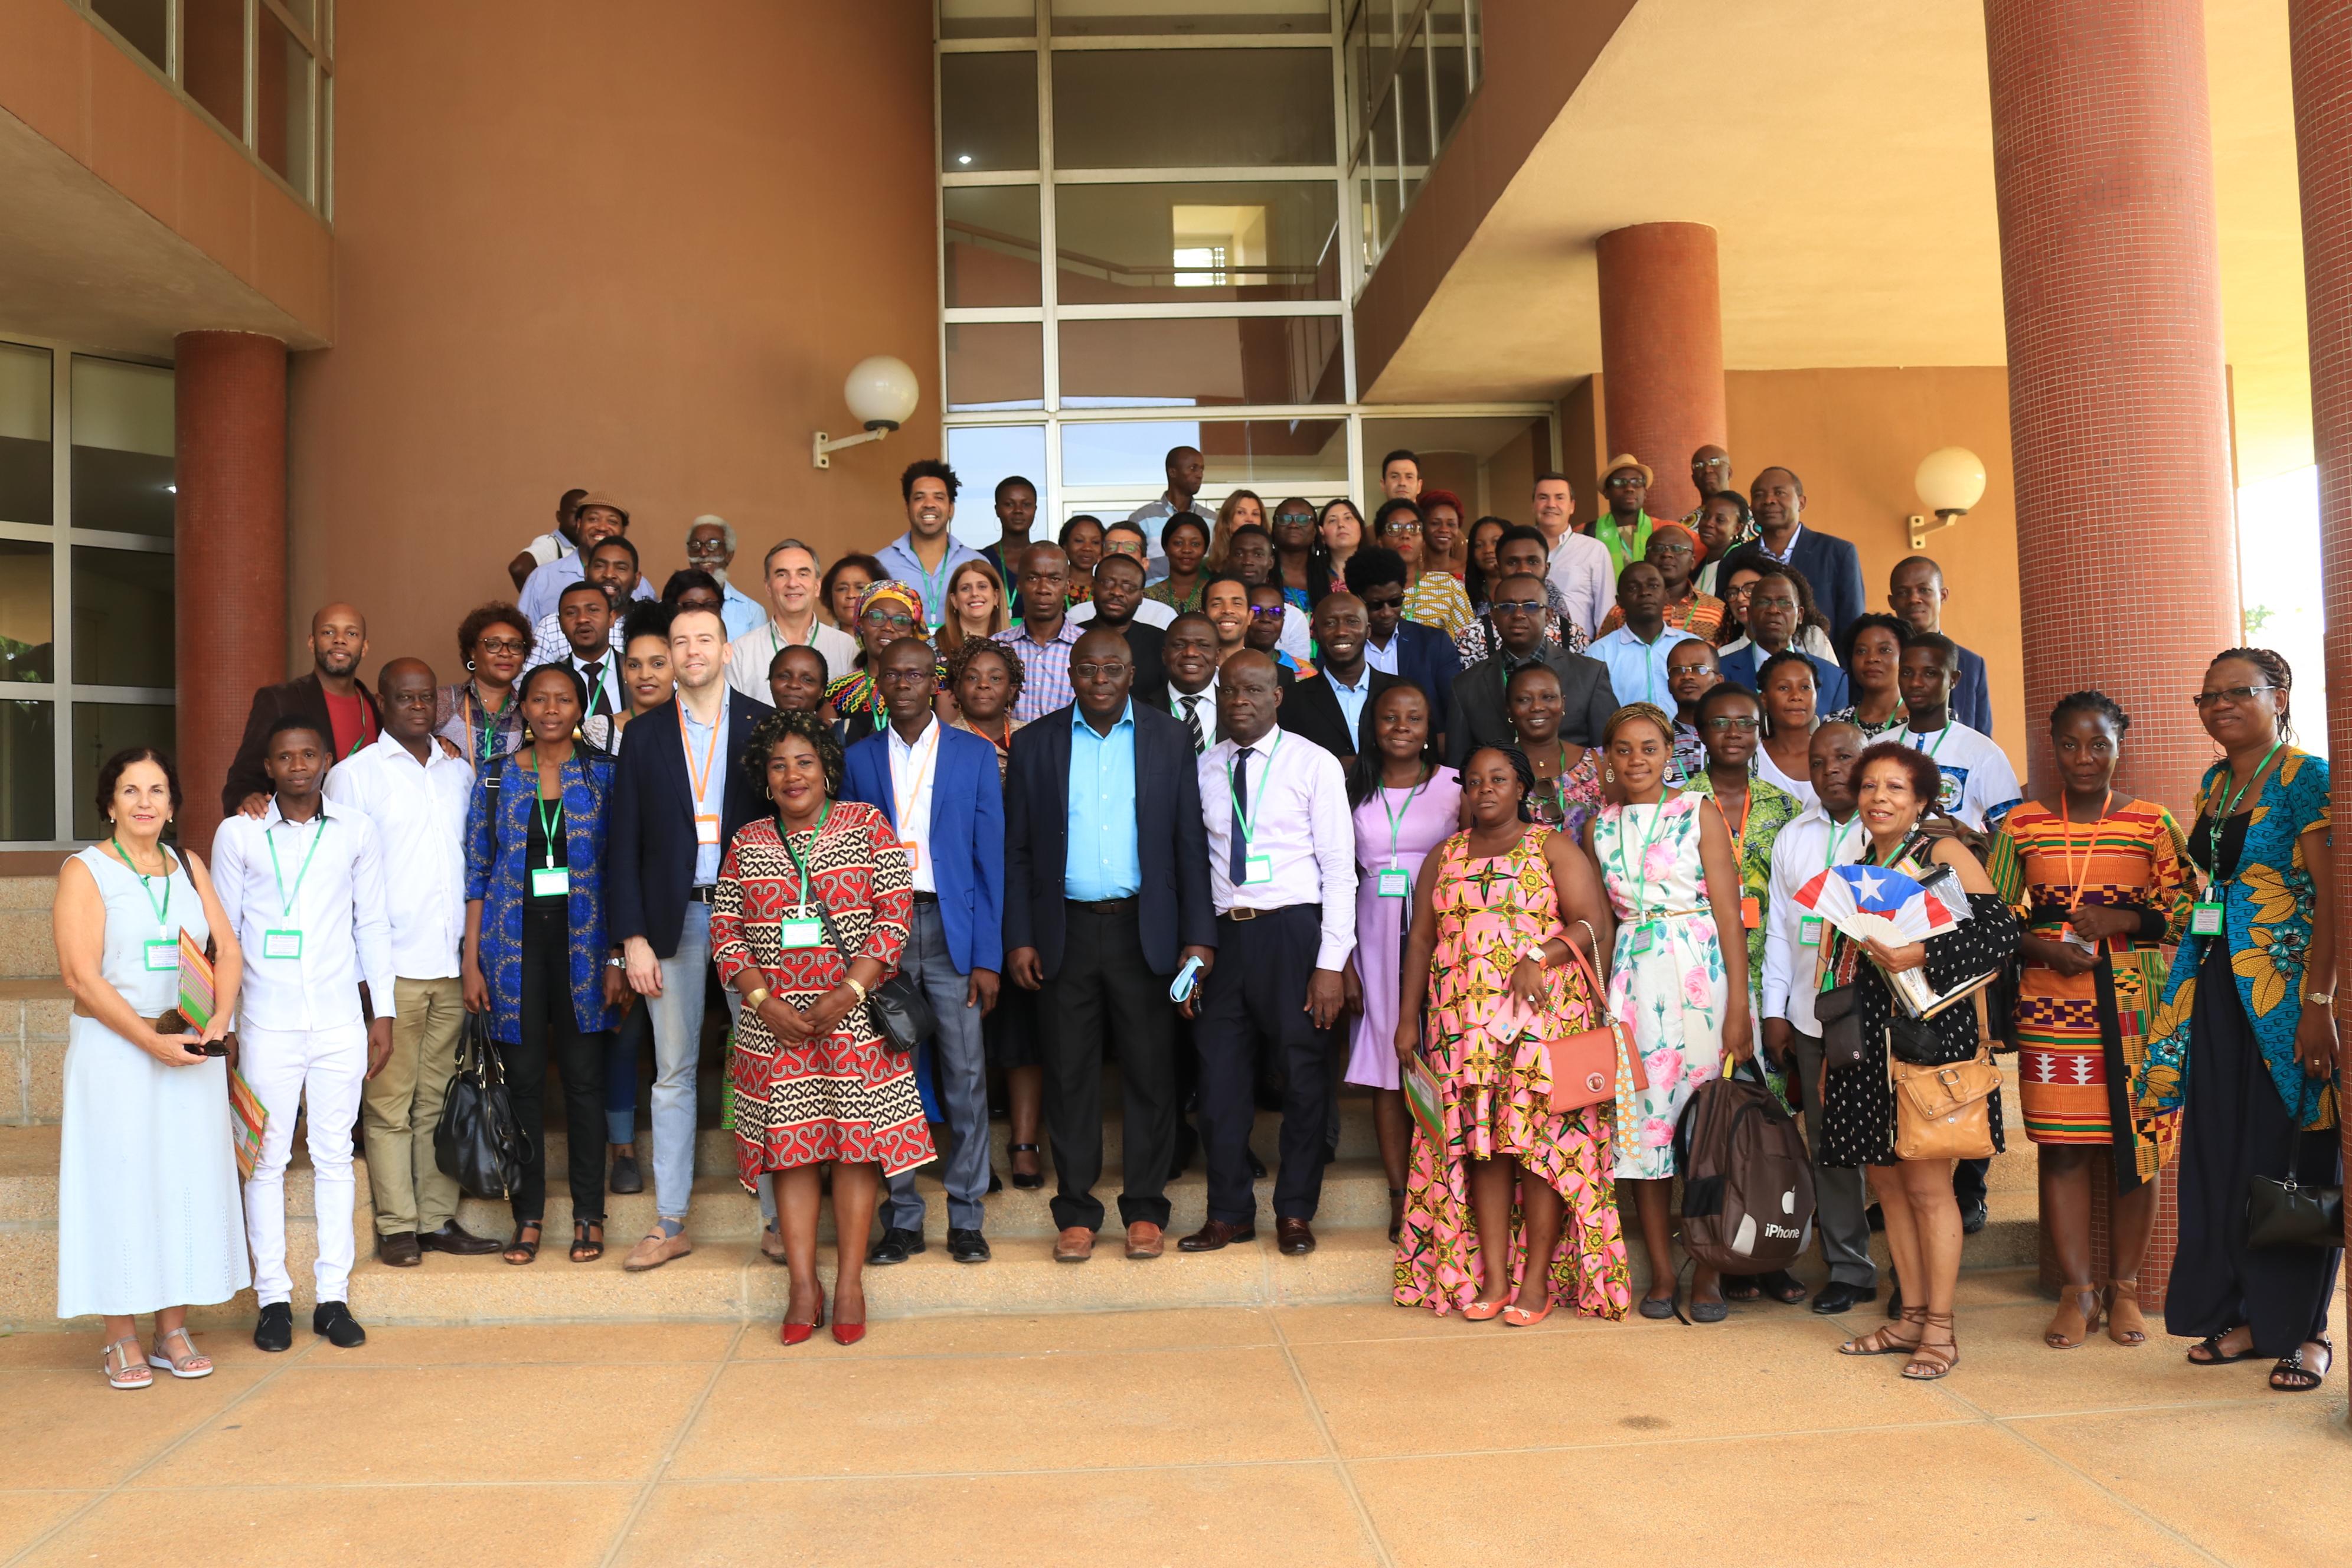 Congrès d'Abidjan 2019 - 02